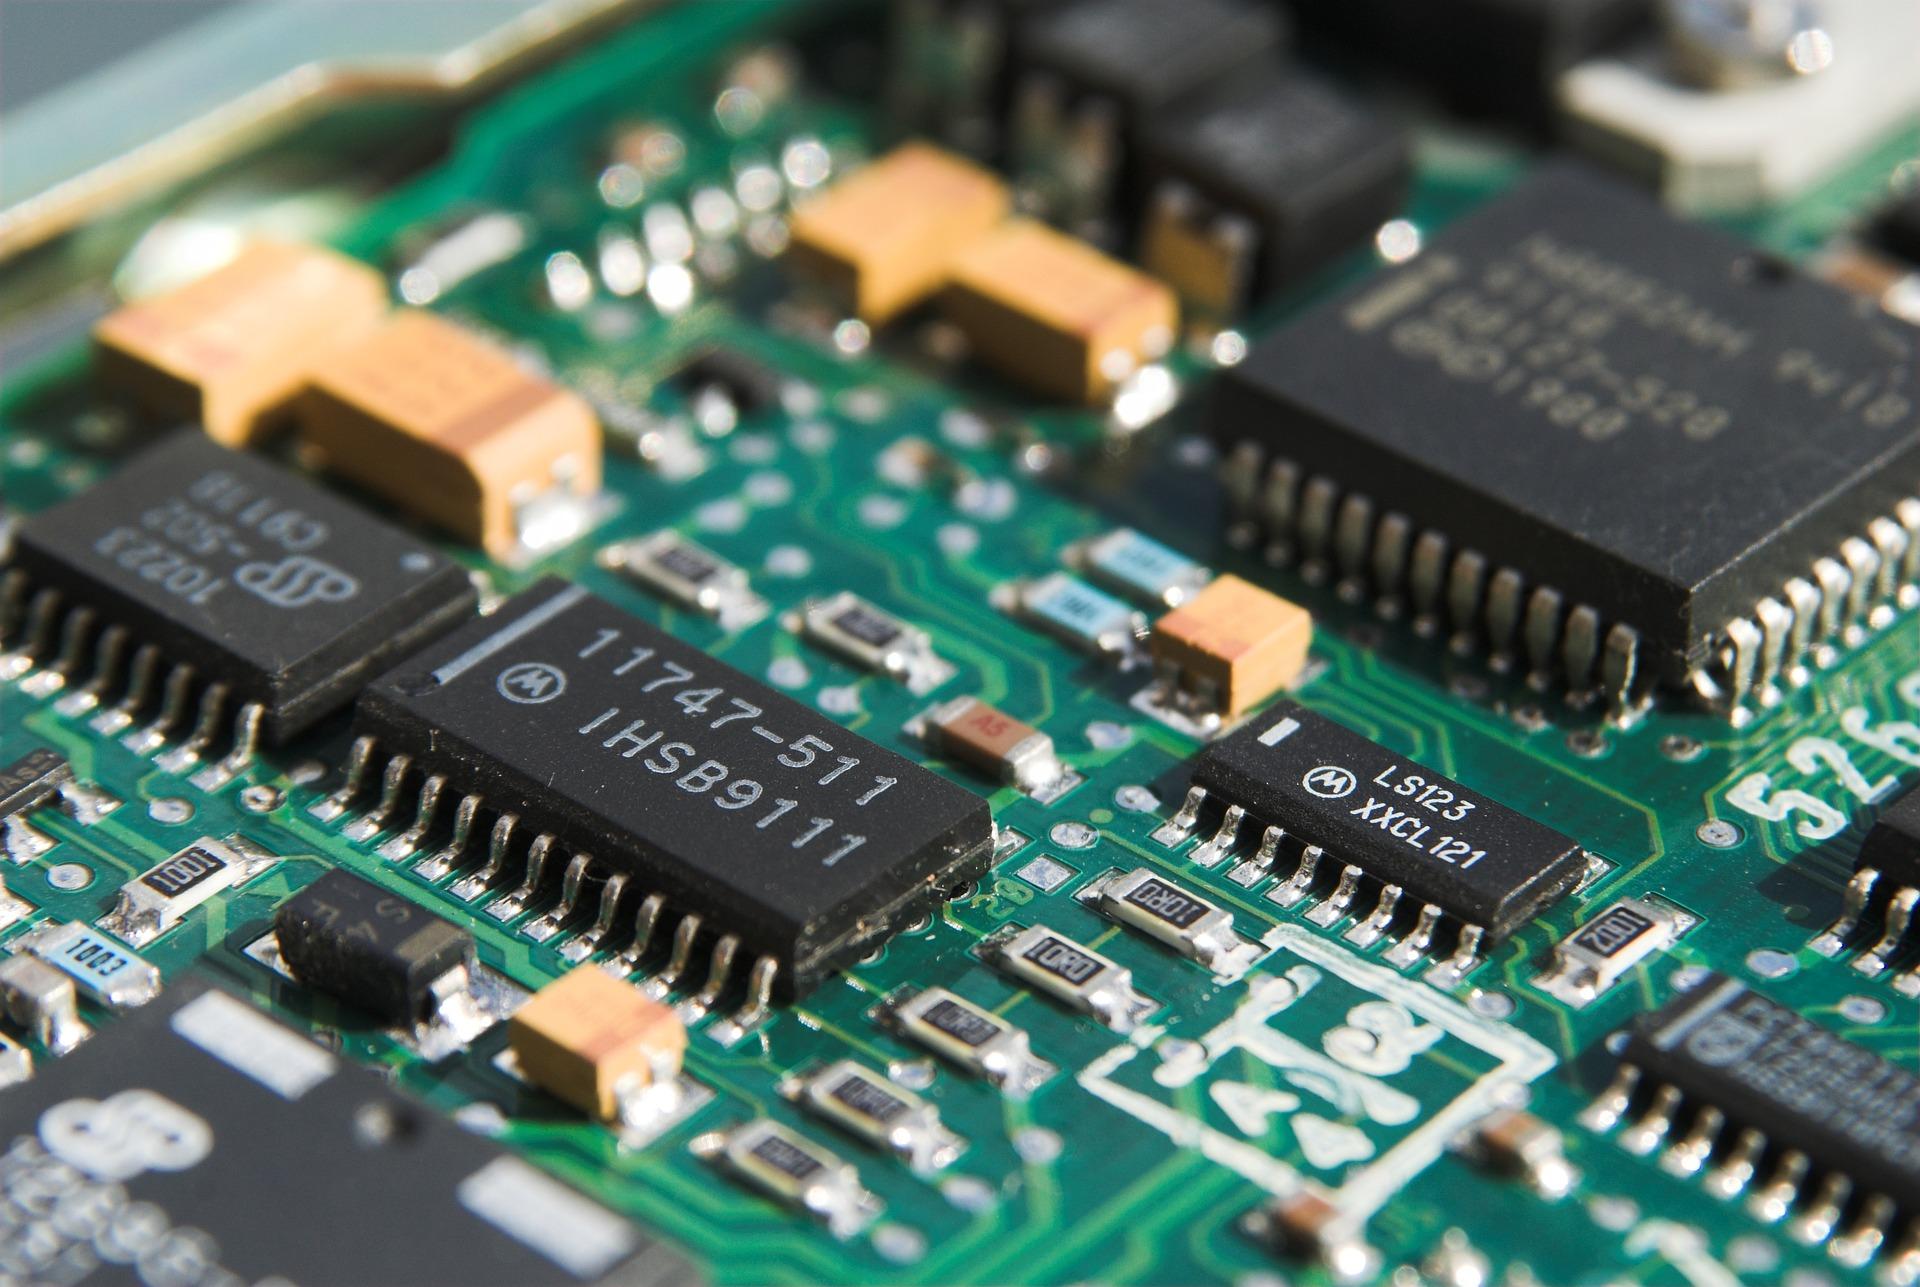 Palestra no SEL aborda criação de placas eletrônicas